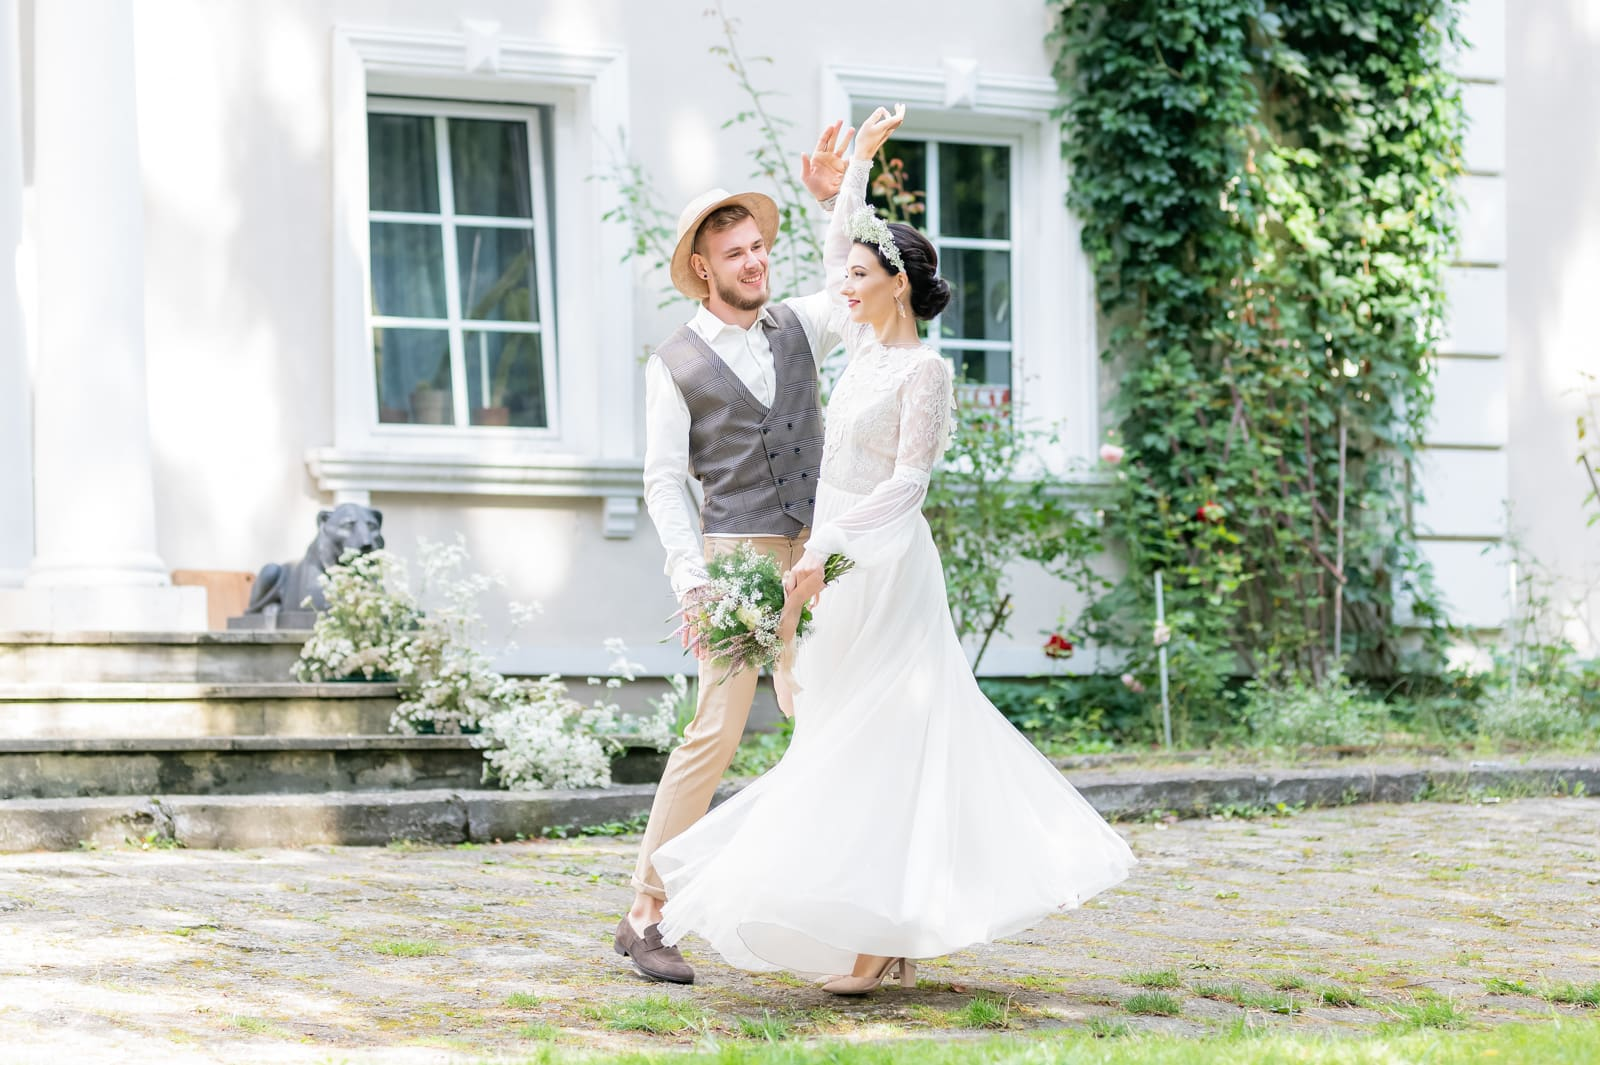 Ślub w plenerze, ślub plenerowy, stylizowana sesja ślubna, Dwór w Odonowie